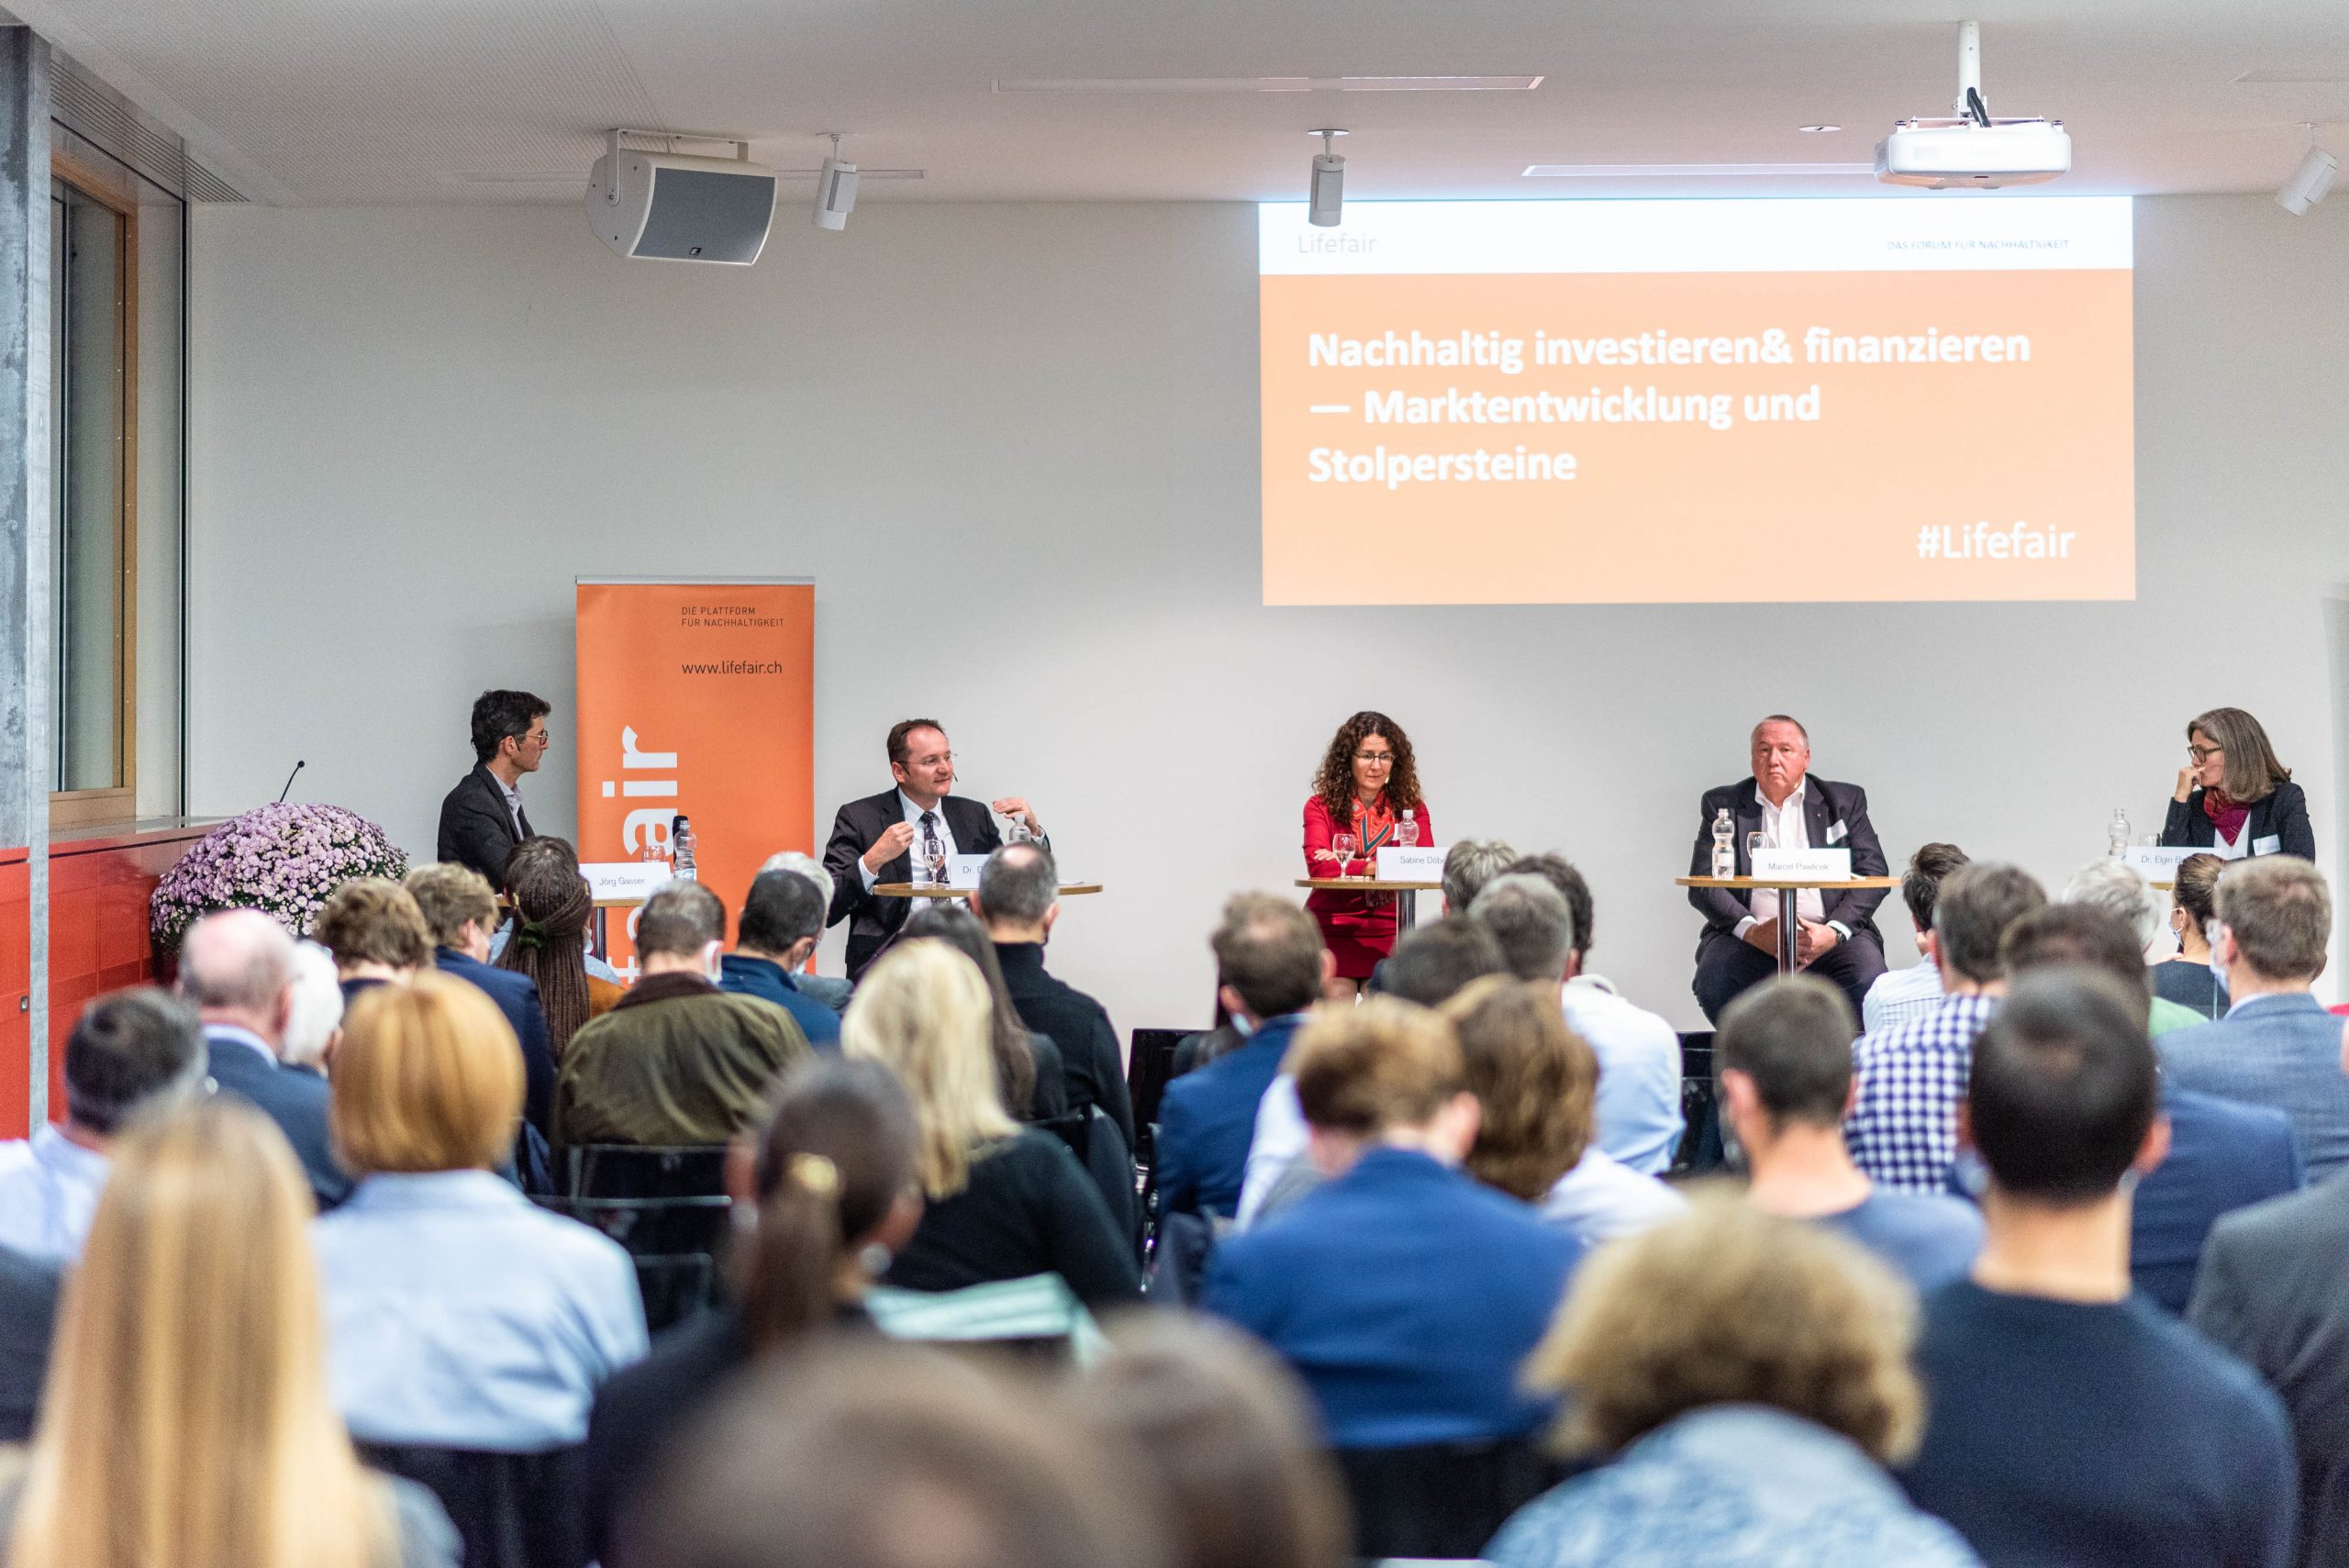 Panel Diskussion mit (von links nach rechts) Jörg Gasser; Dr. David Gerber, SIF; Sabine Döbeli, SSF; Marcel Pawlicek, Burckhardt Compression AG; Dr. Elgin Brunner, WWF